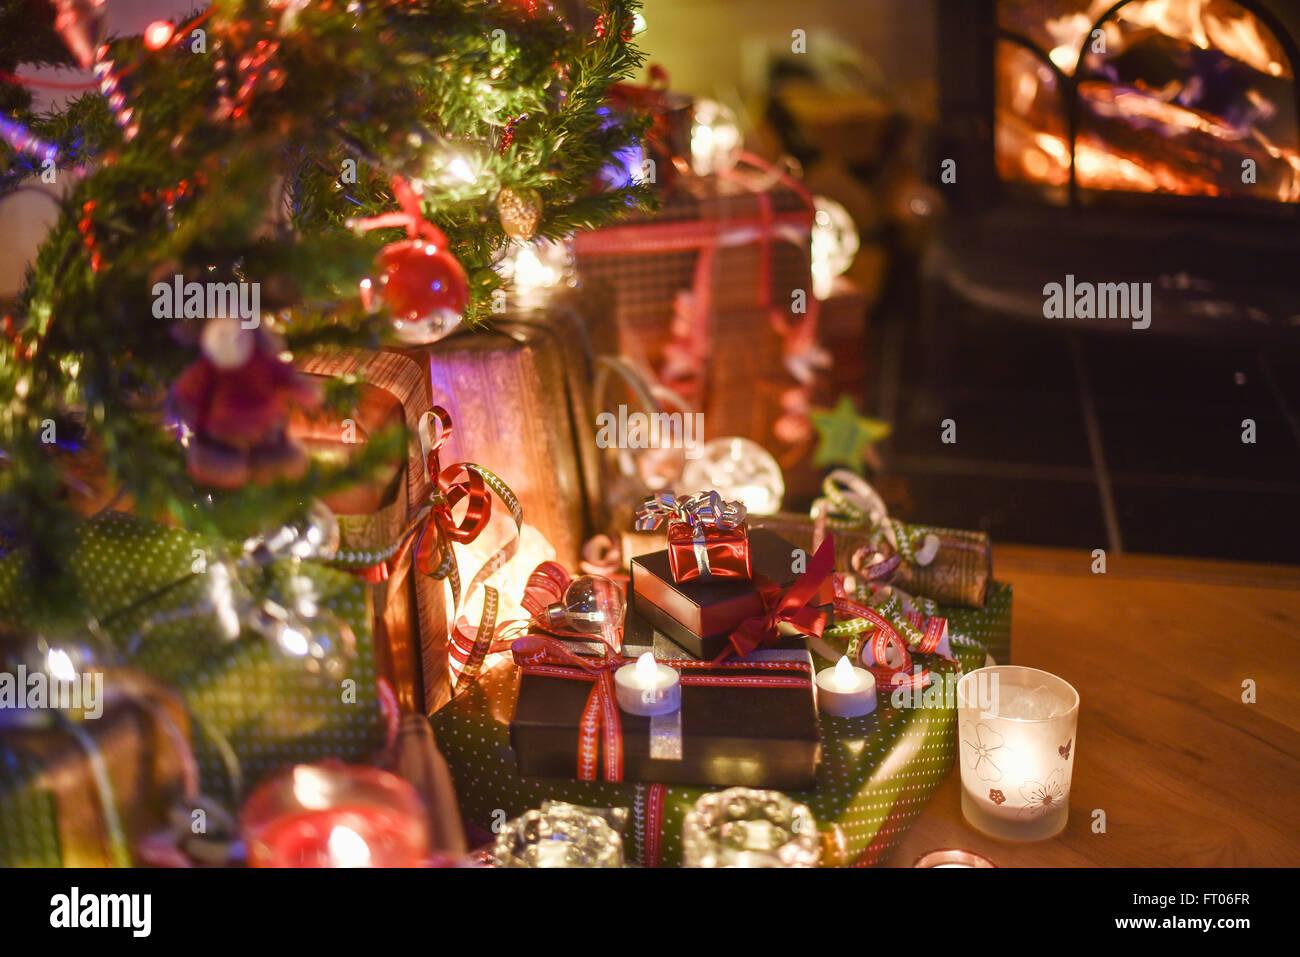 Schöne Geschenkideen Weihnachten.Weihnachtszeit Viele Schöne Geschenke Unter Dem Weihnachtsbaum